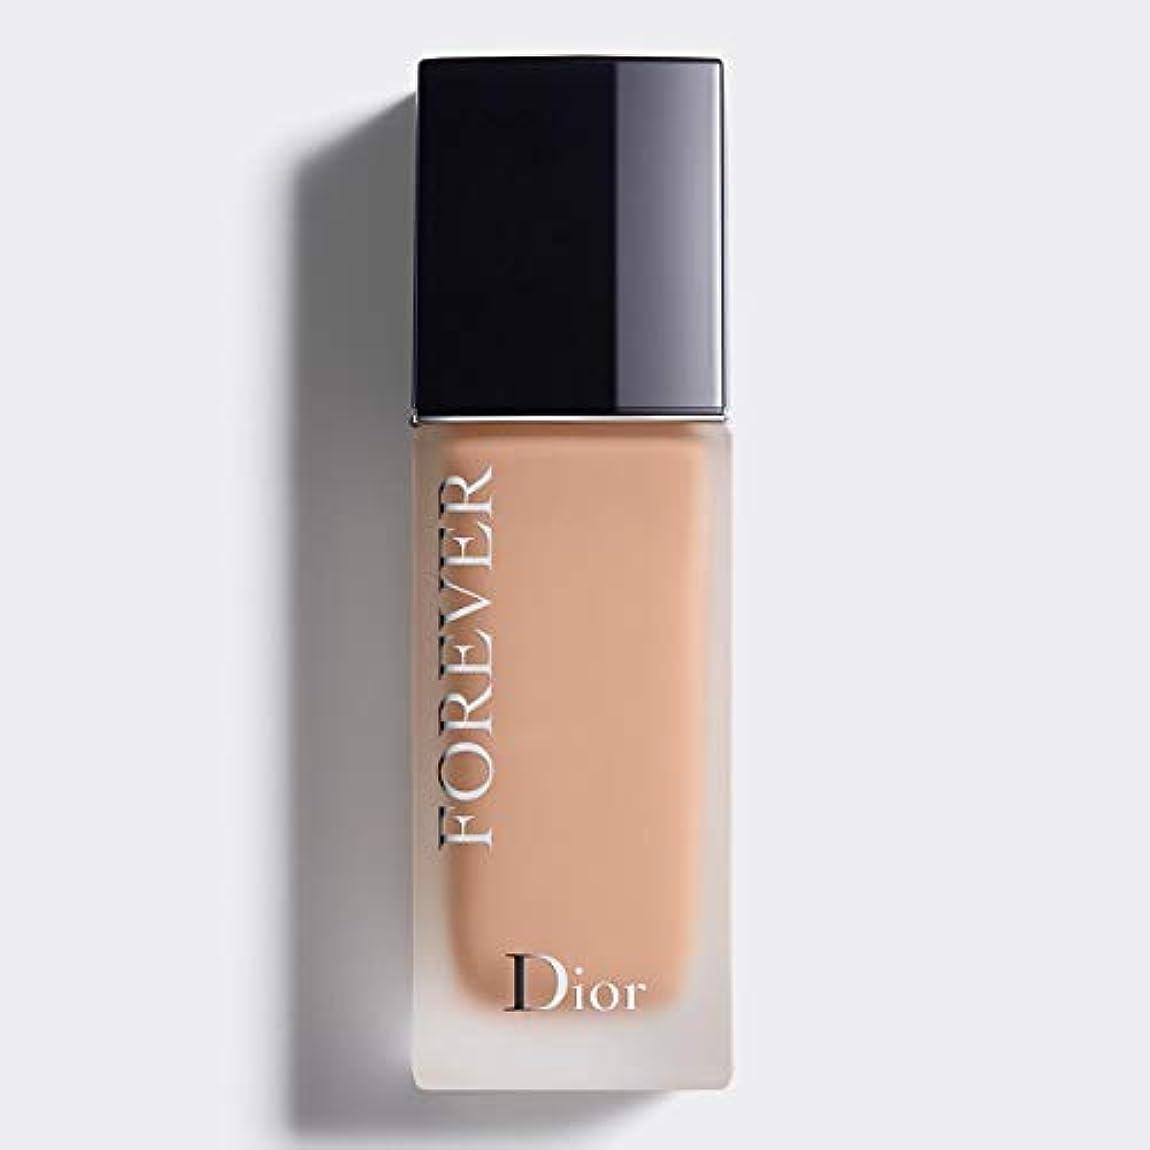 炎上熱心の配列クリスチャンディオール Dior Forever 24H Wear High Perfection Foundation SPF 35 - # 3CR (Cool Rosy) 30ml/1oz並行輸入品